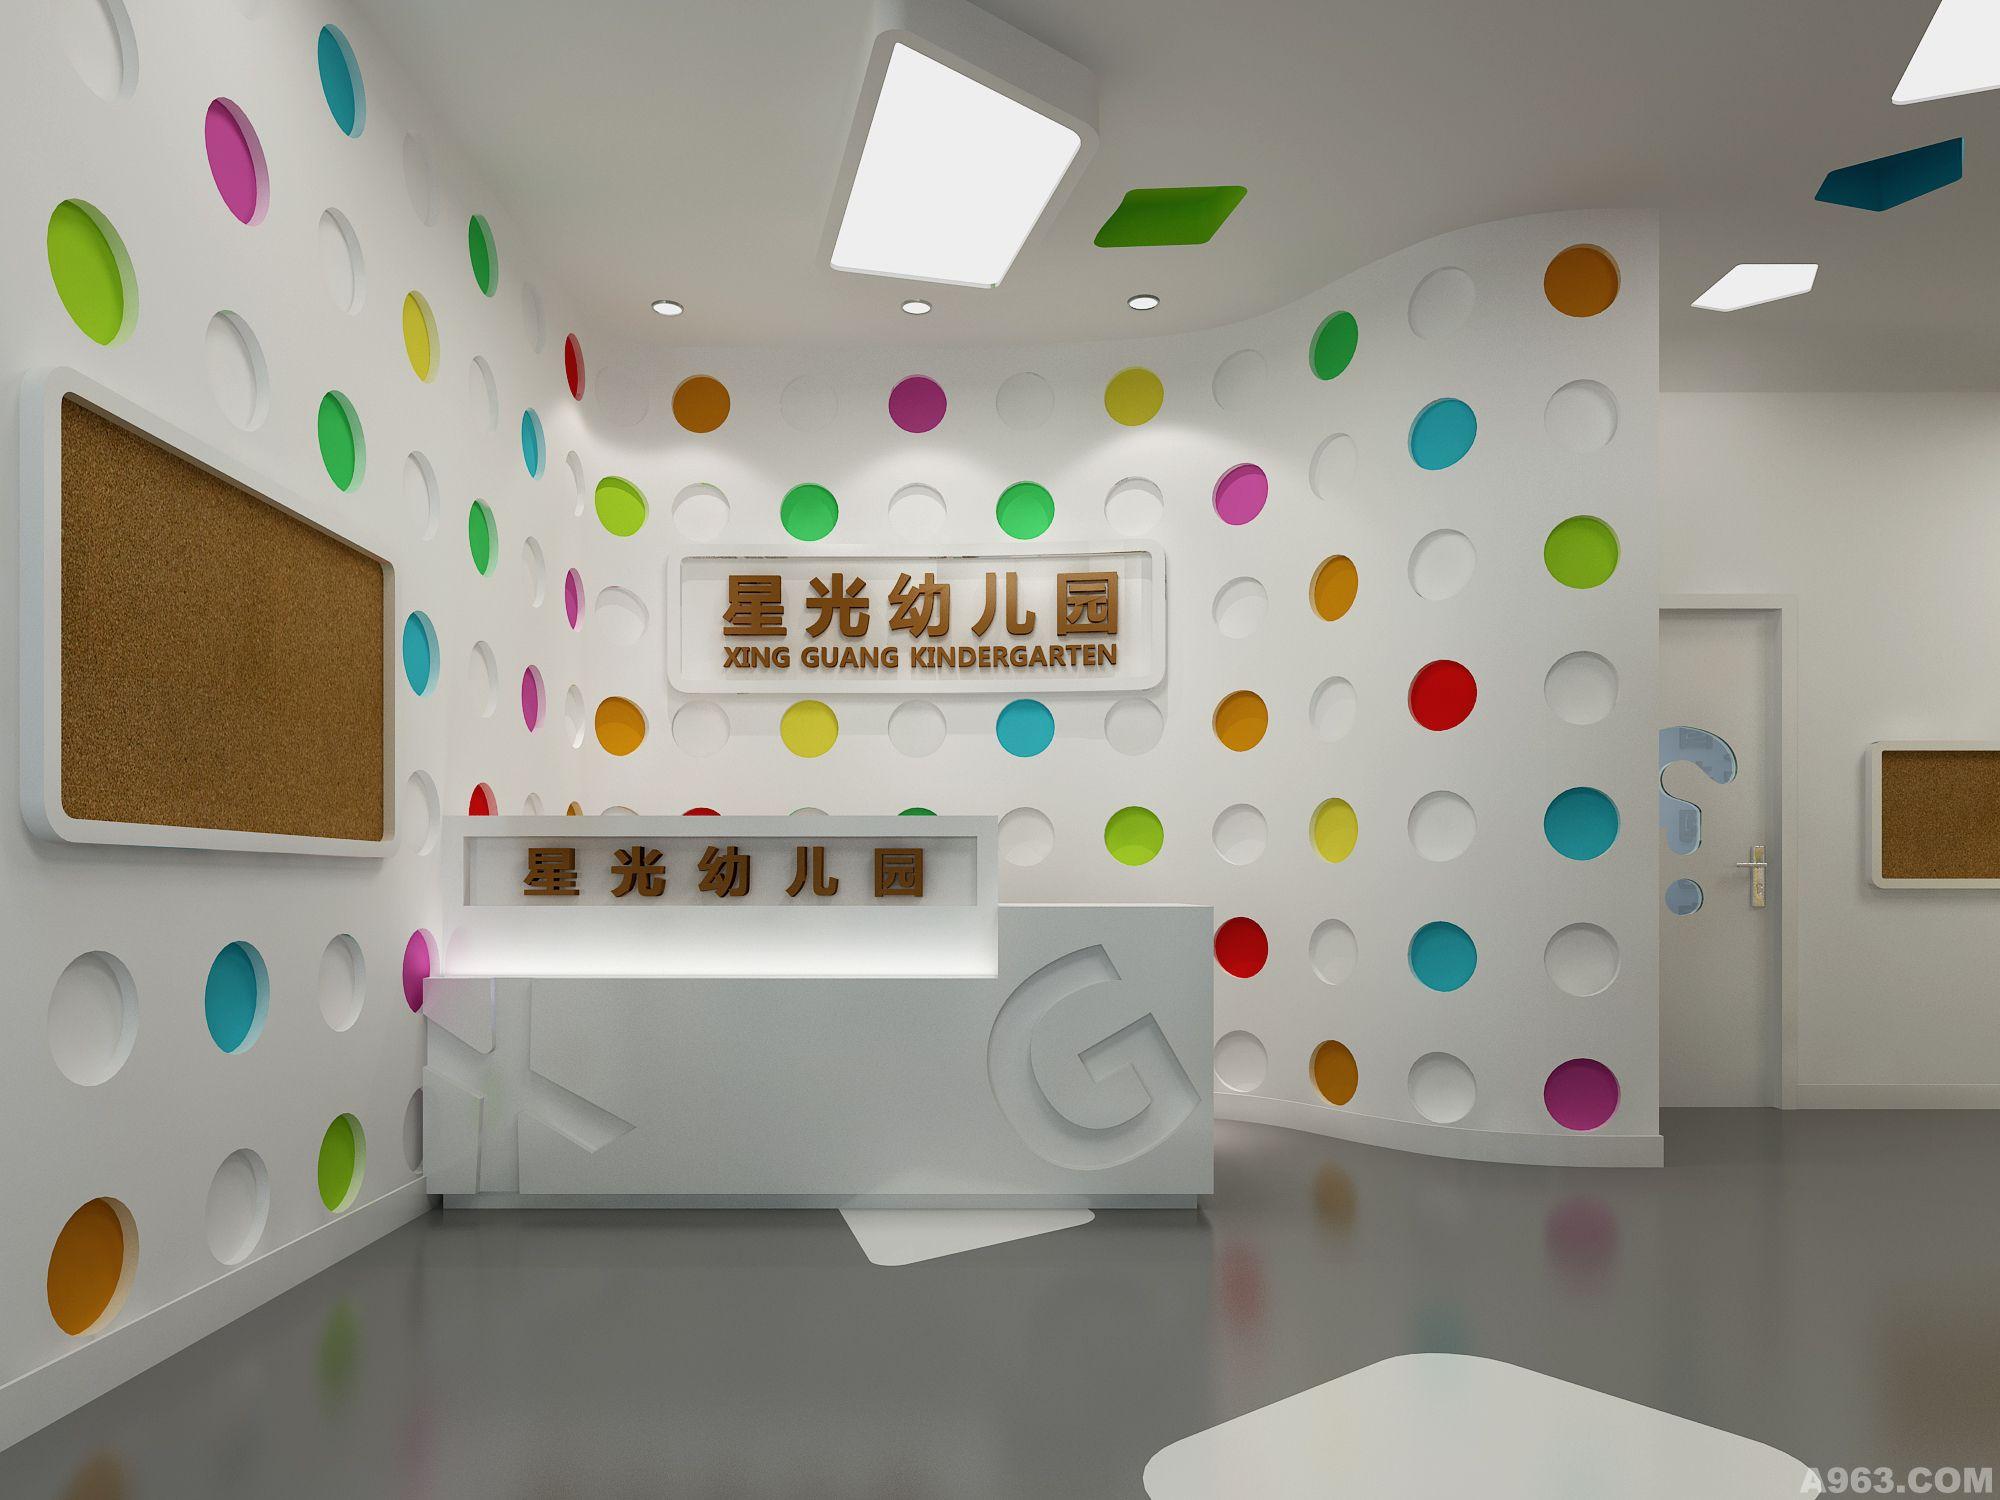 星光幼儿园 - 文化空间 - 第4页 - 王俊宝设计作品案例